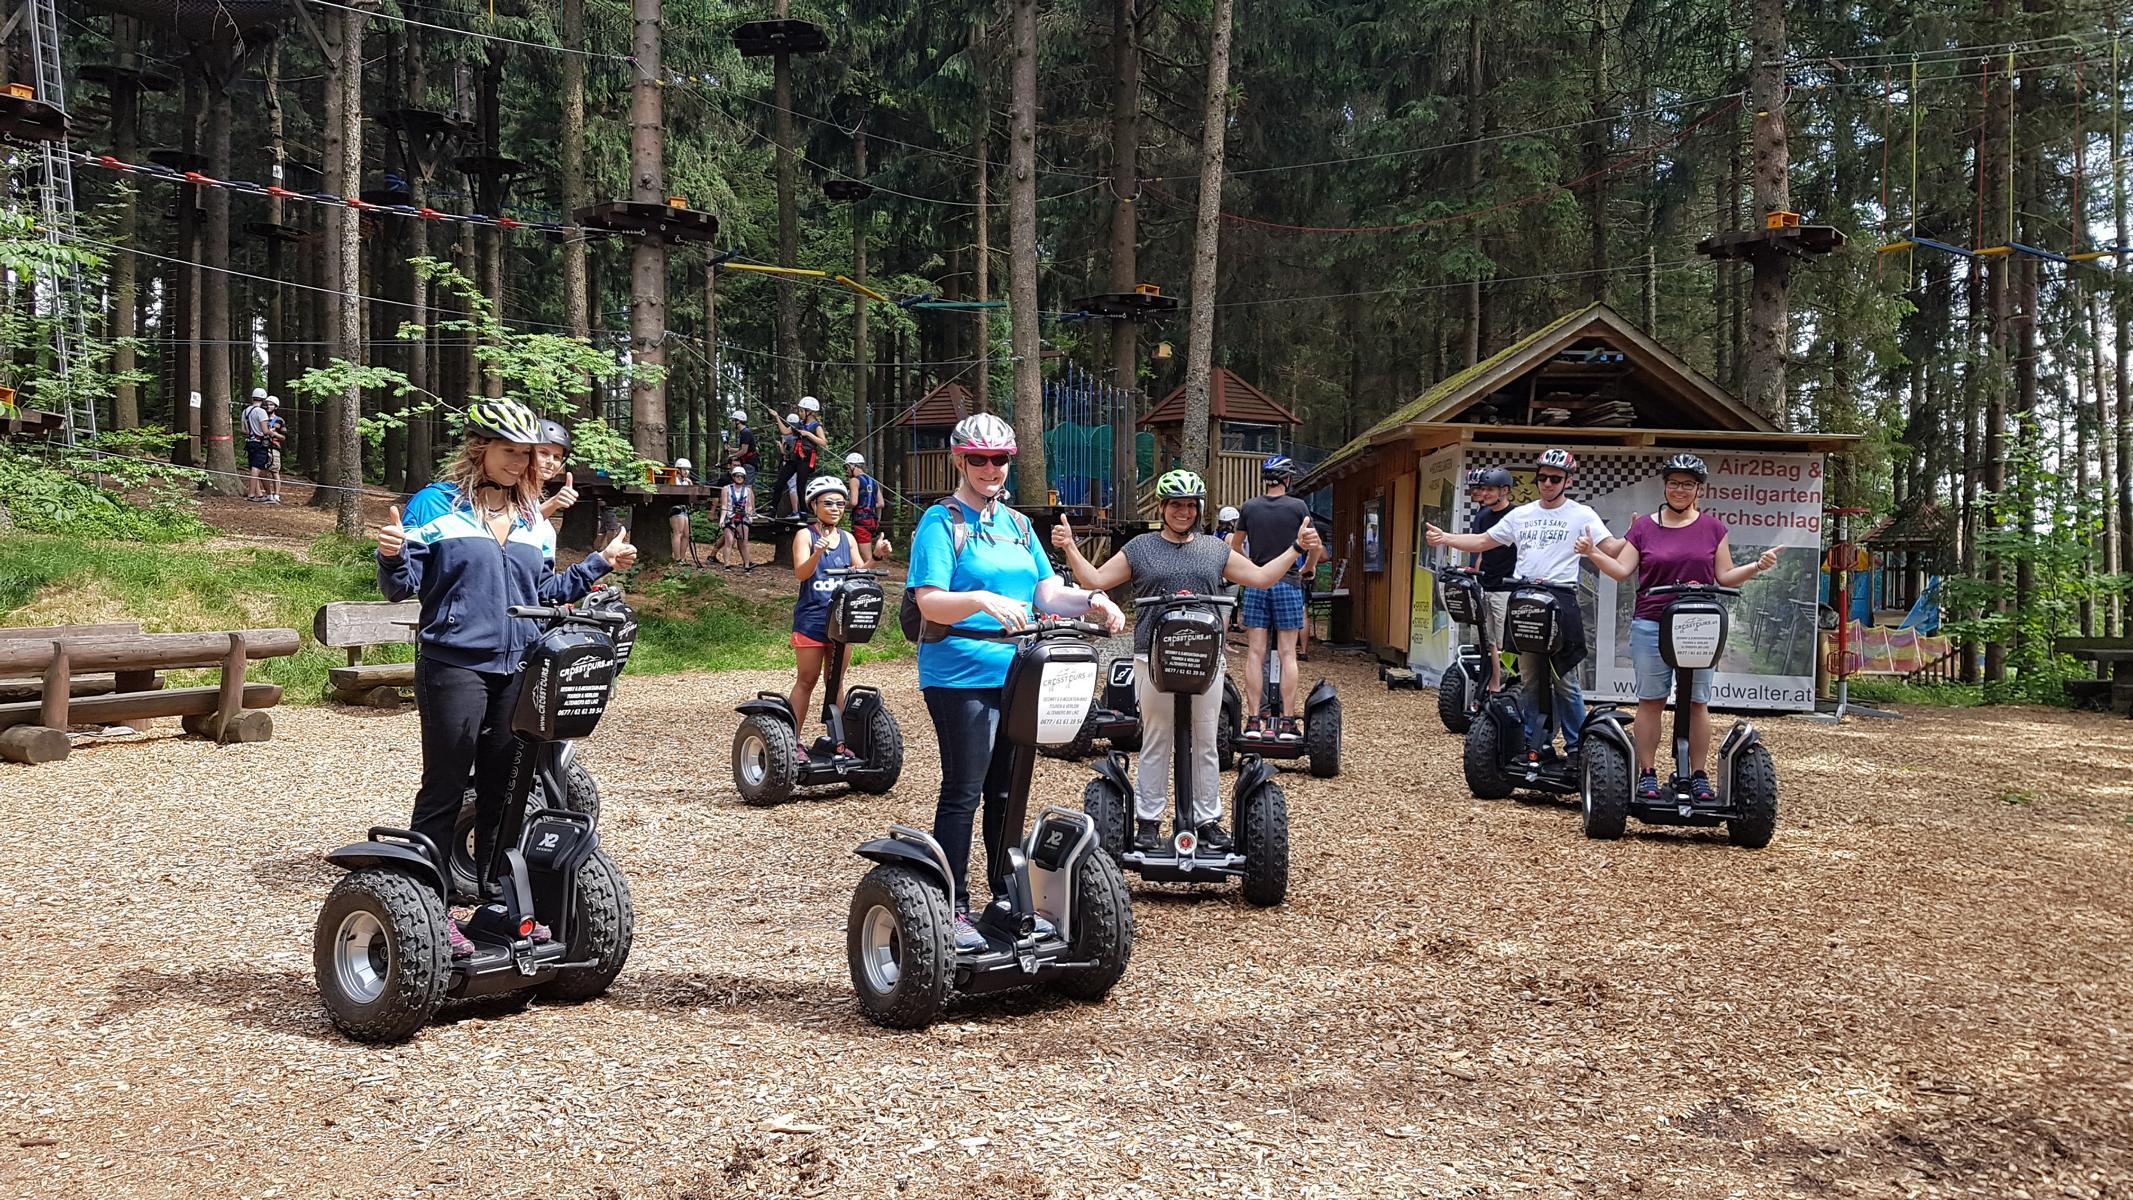 Segway Tour Bogenschießen oder Hochseilgarten Altenberg crosstours